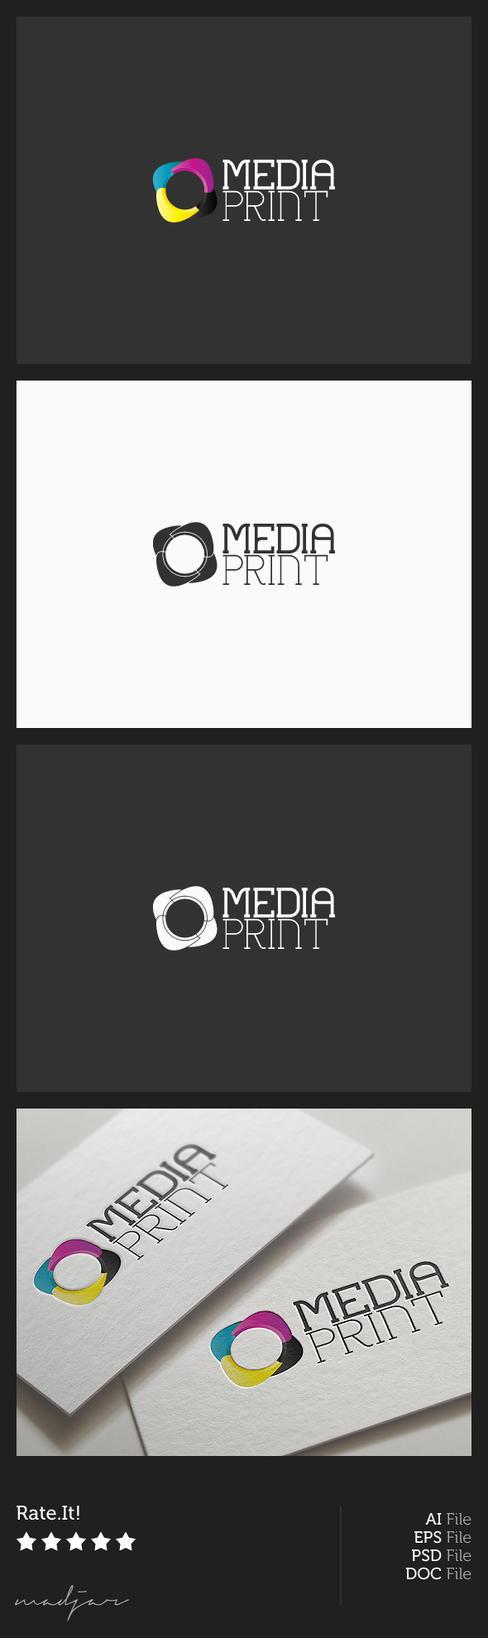 Media Print Logo by madjarov on DeviantArt